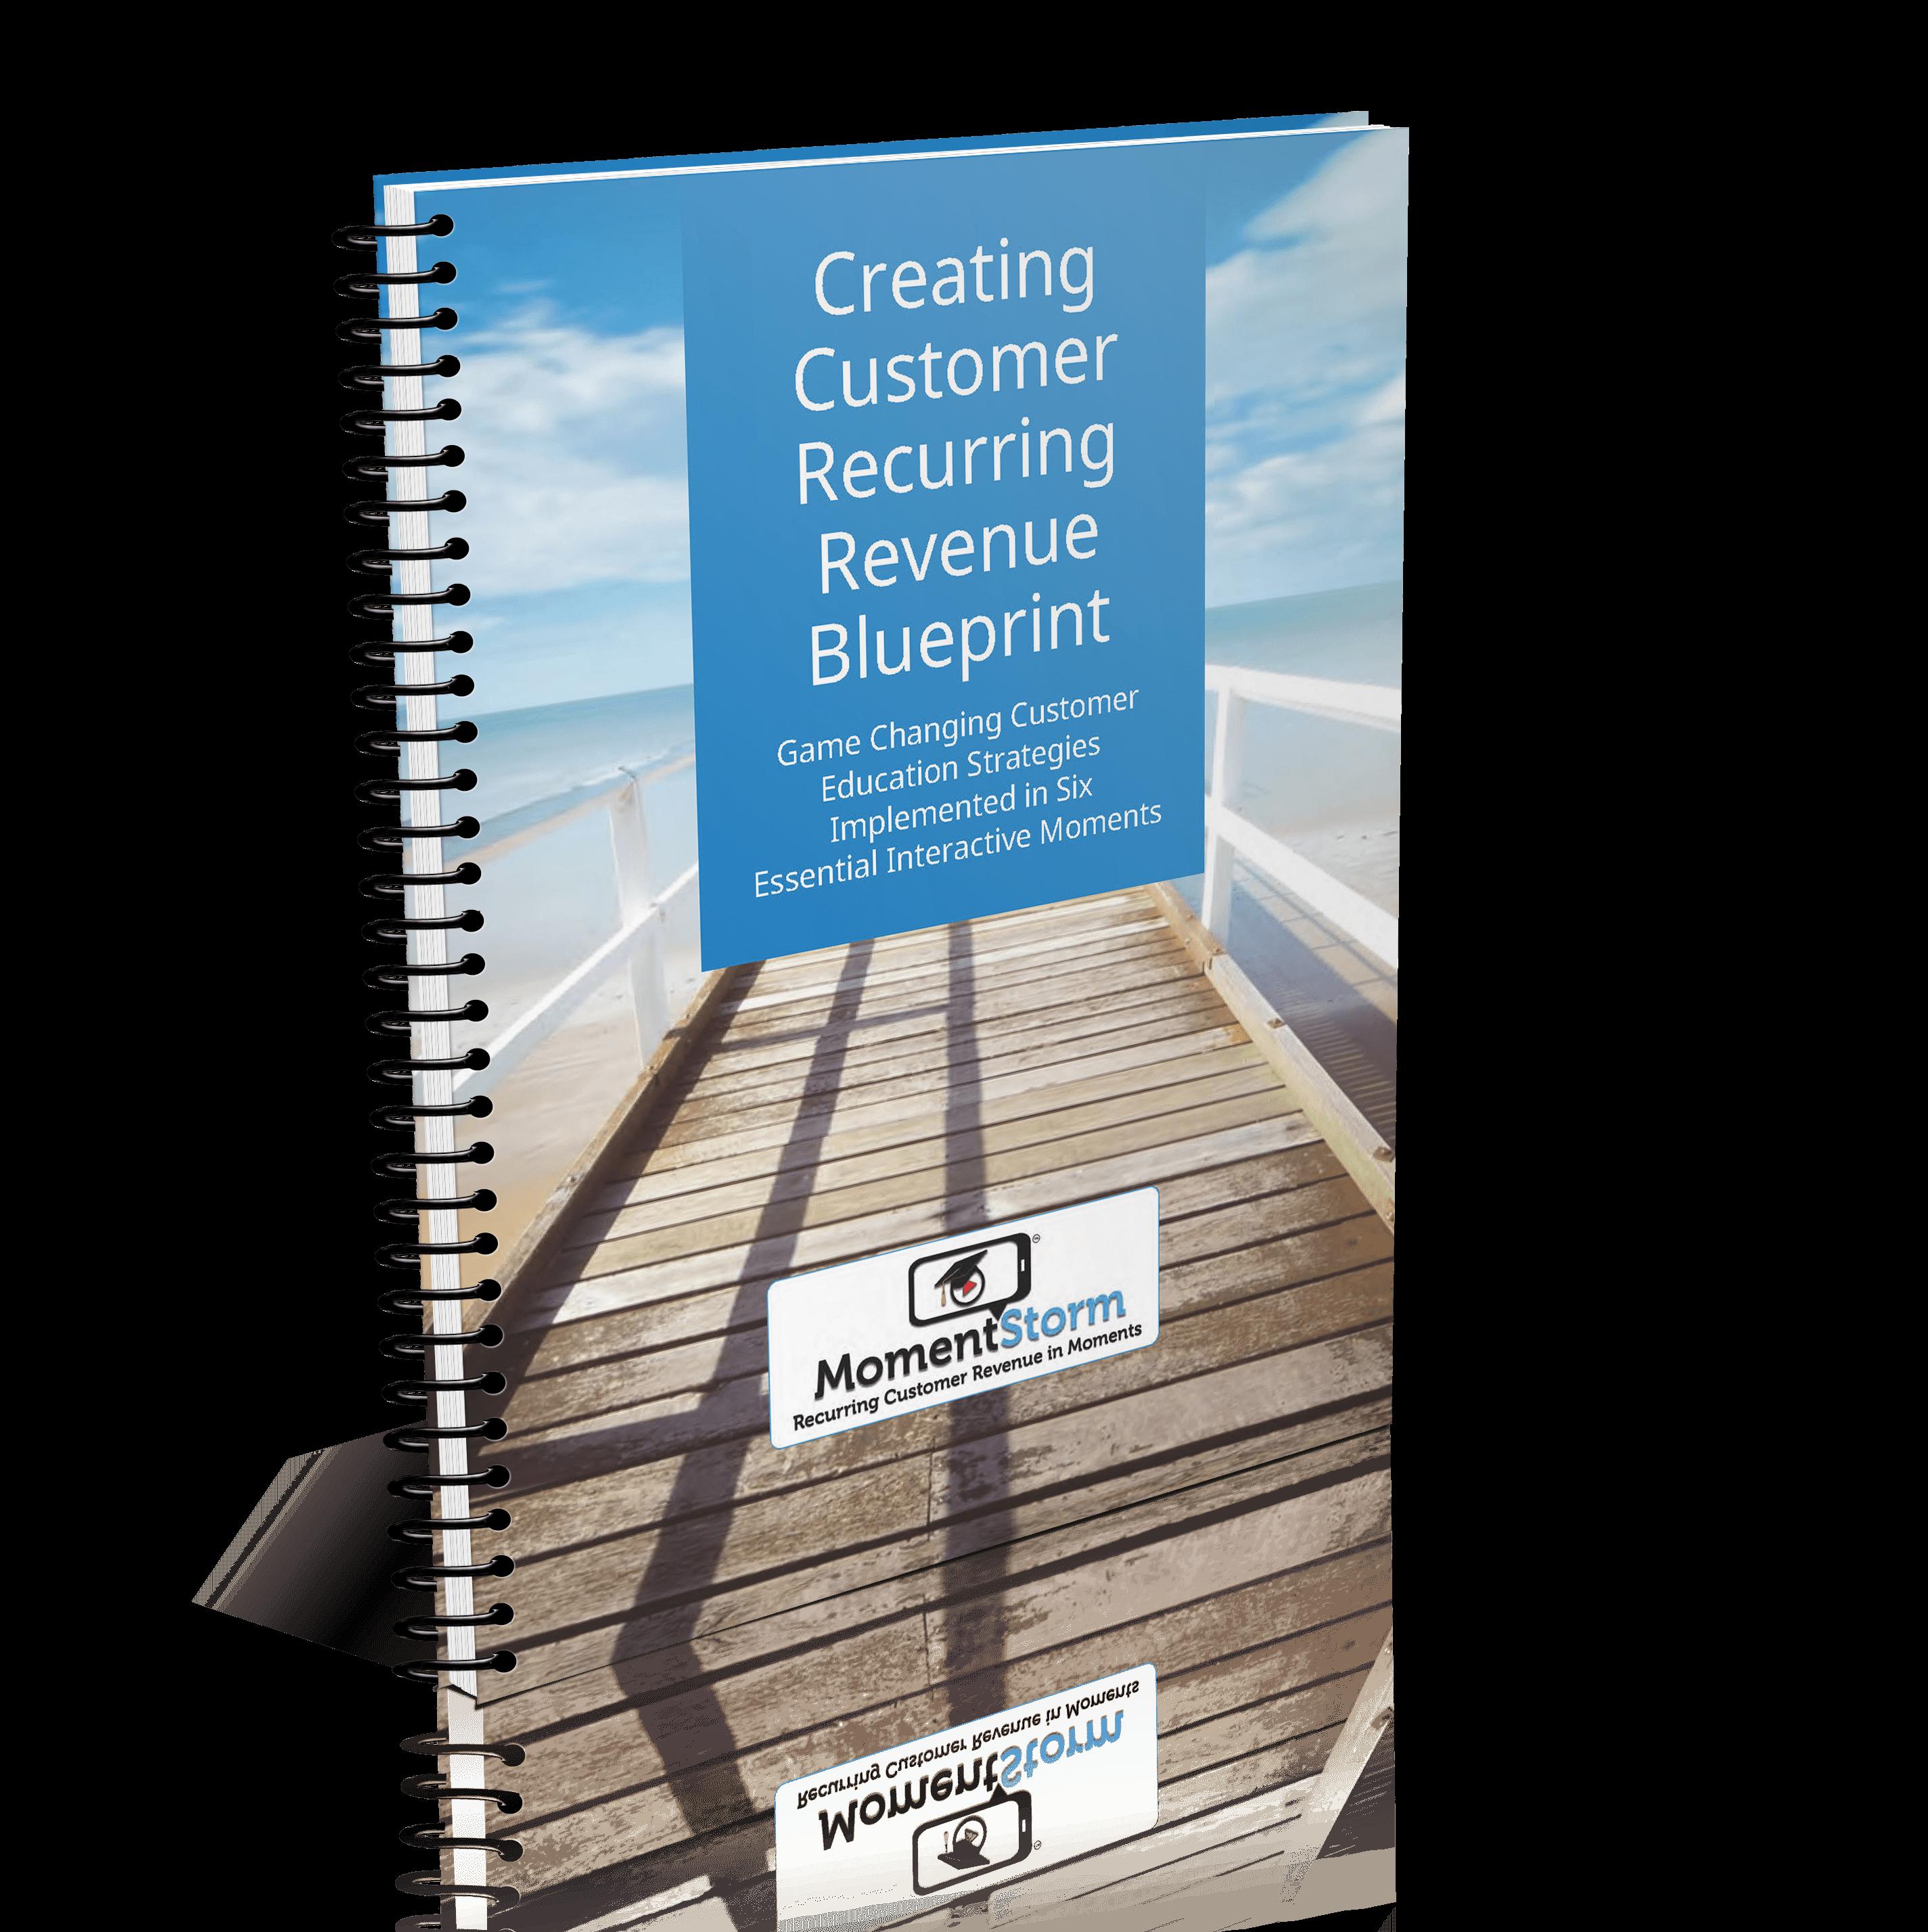 Creating Customer Recurring Revenue